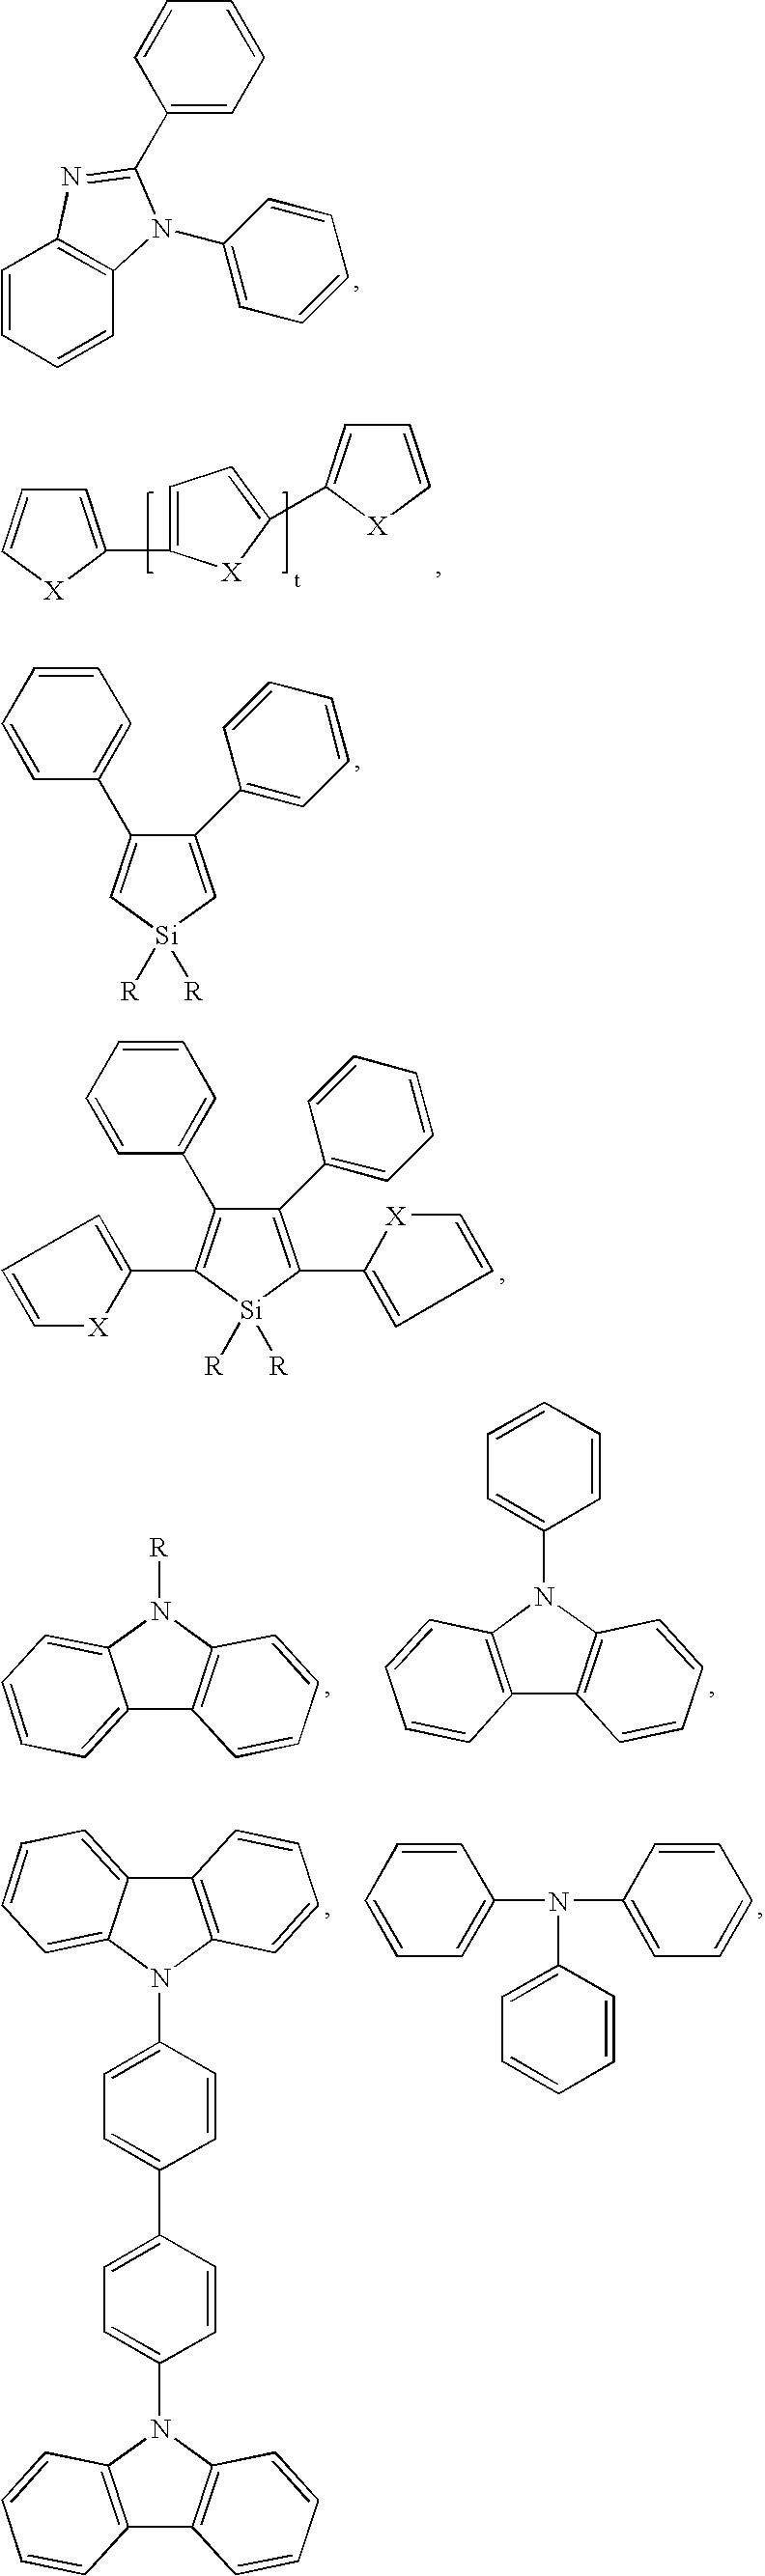 Figure US07192657-20070320-C00090